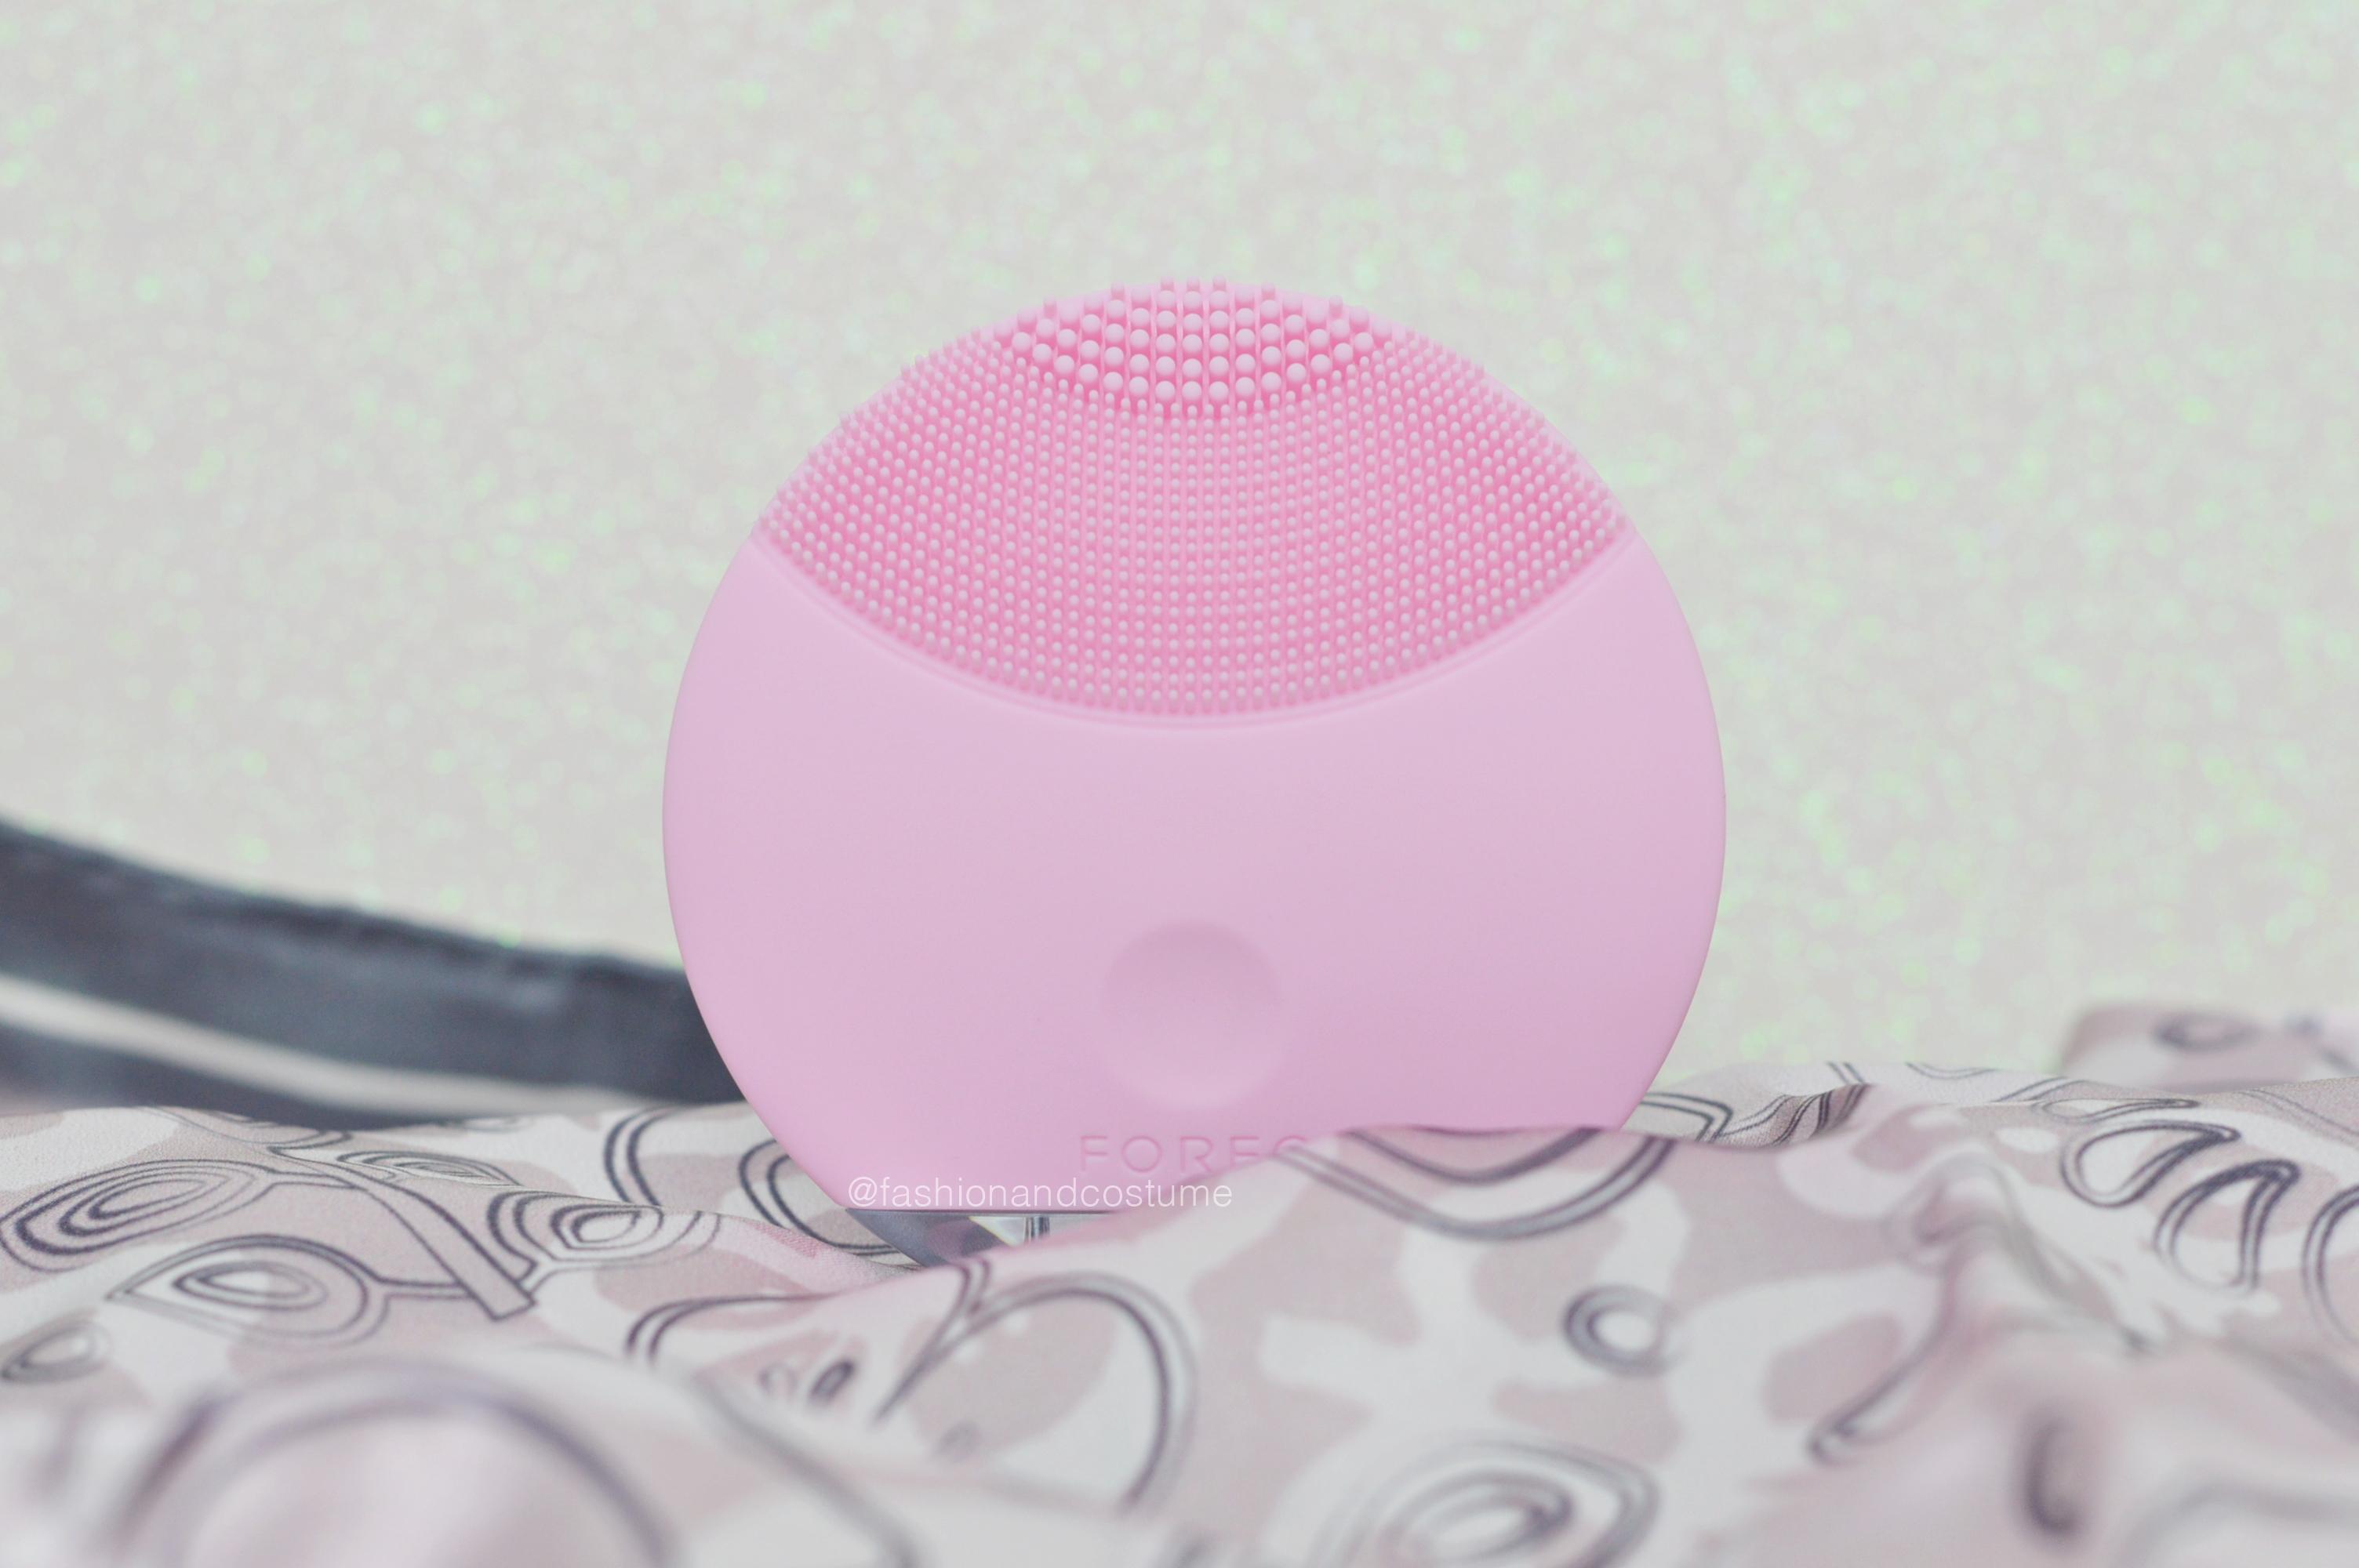 Foreo-mini-luna-skincare-spazzolina-viso-silicone-detergere-pelle-vibrazioni-pulizia